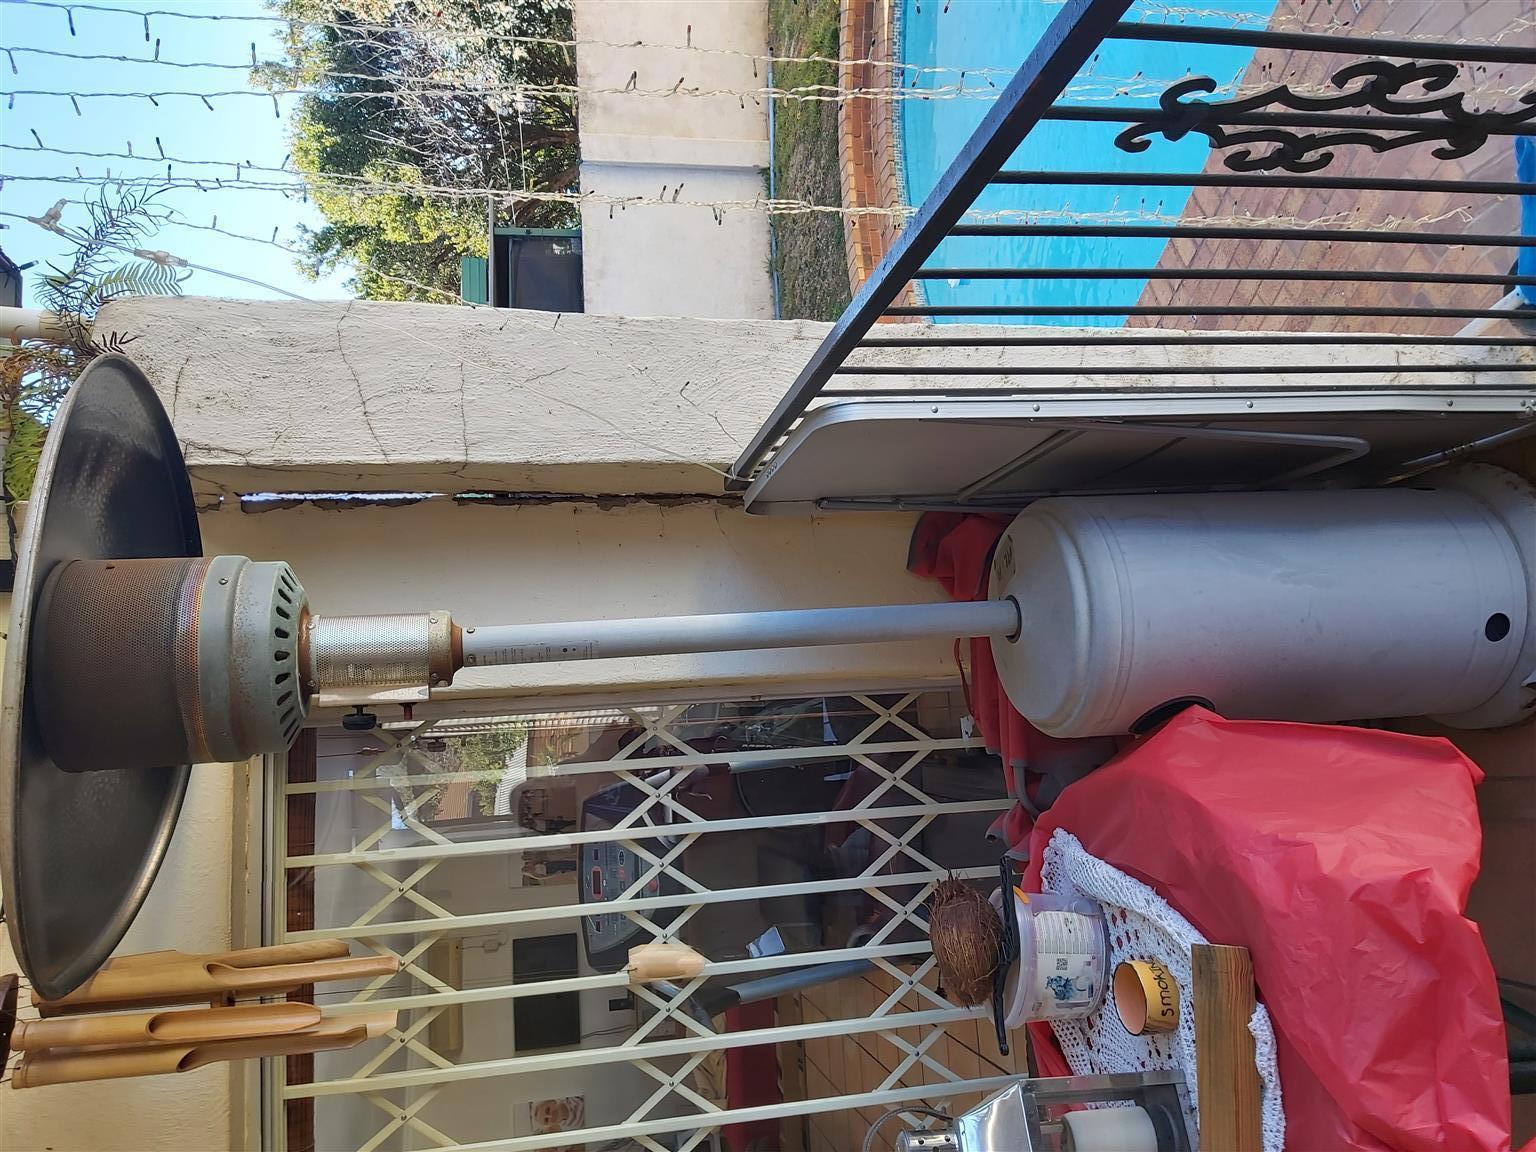 ALVA grey powder coated outdoor/patio gas heater.